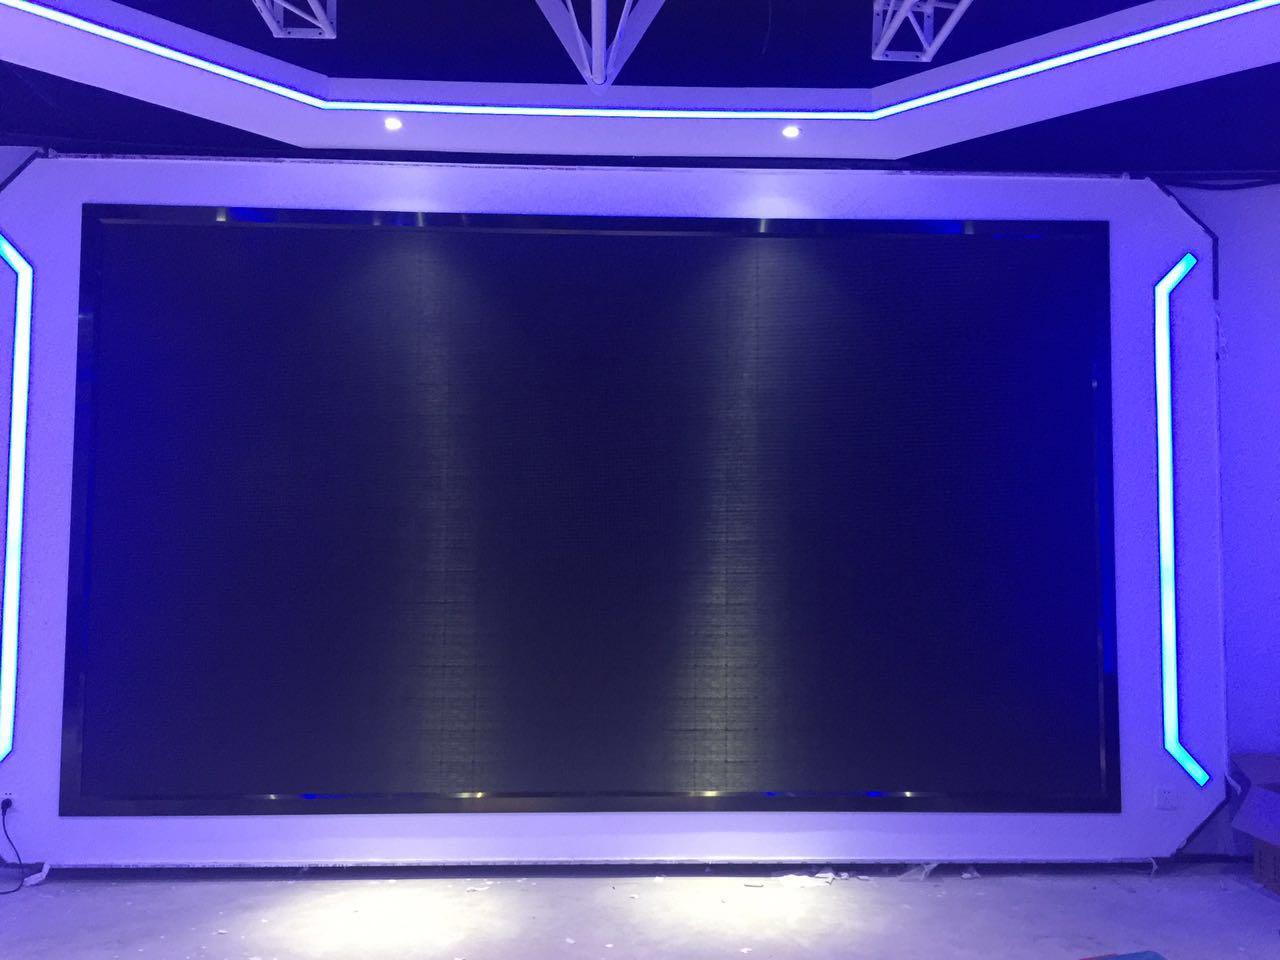 龙岗摩尔城滚石健身P4室内4.186米乘2-4